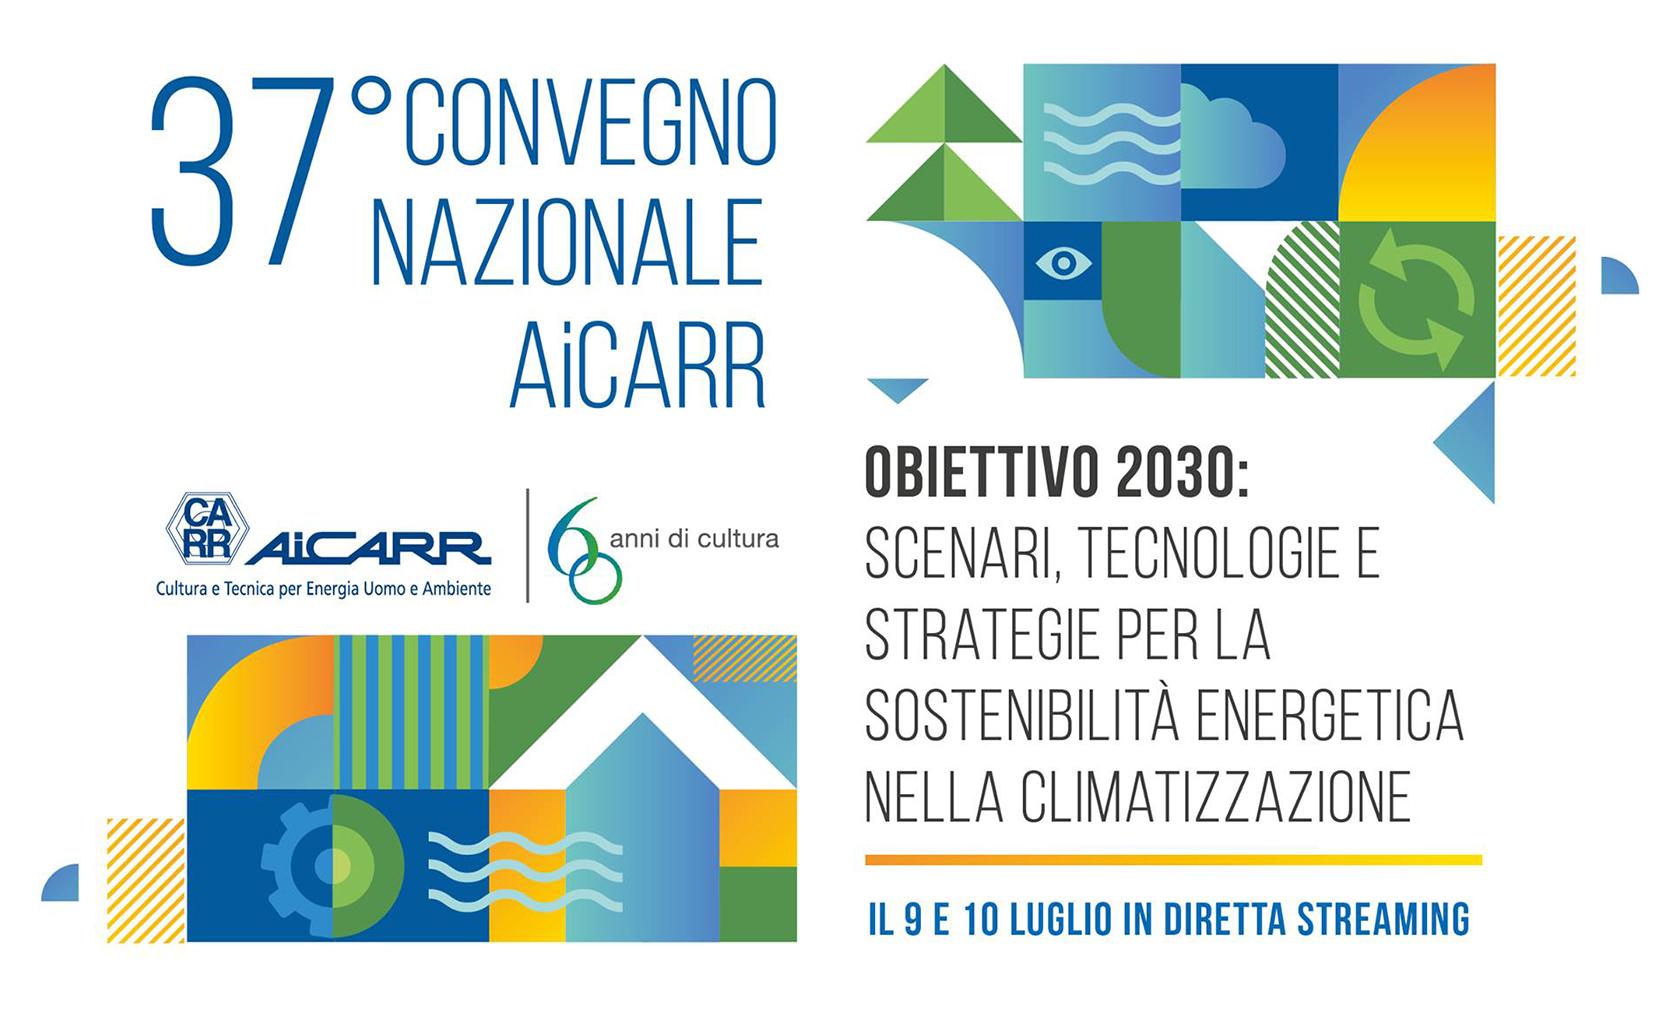 convegno_AICARR_obiettivo_2030